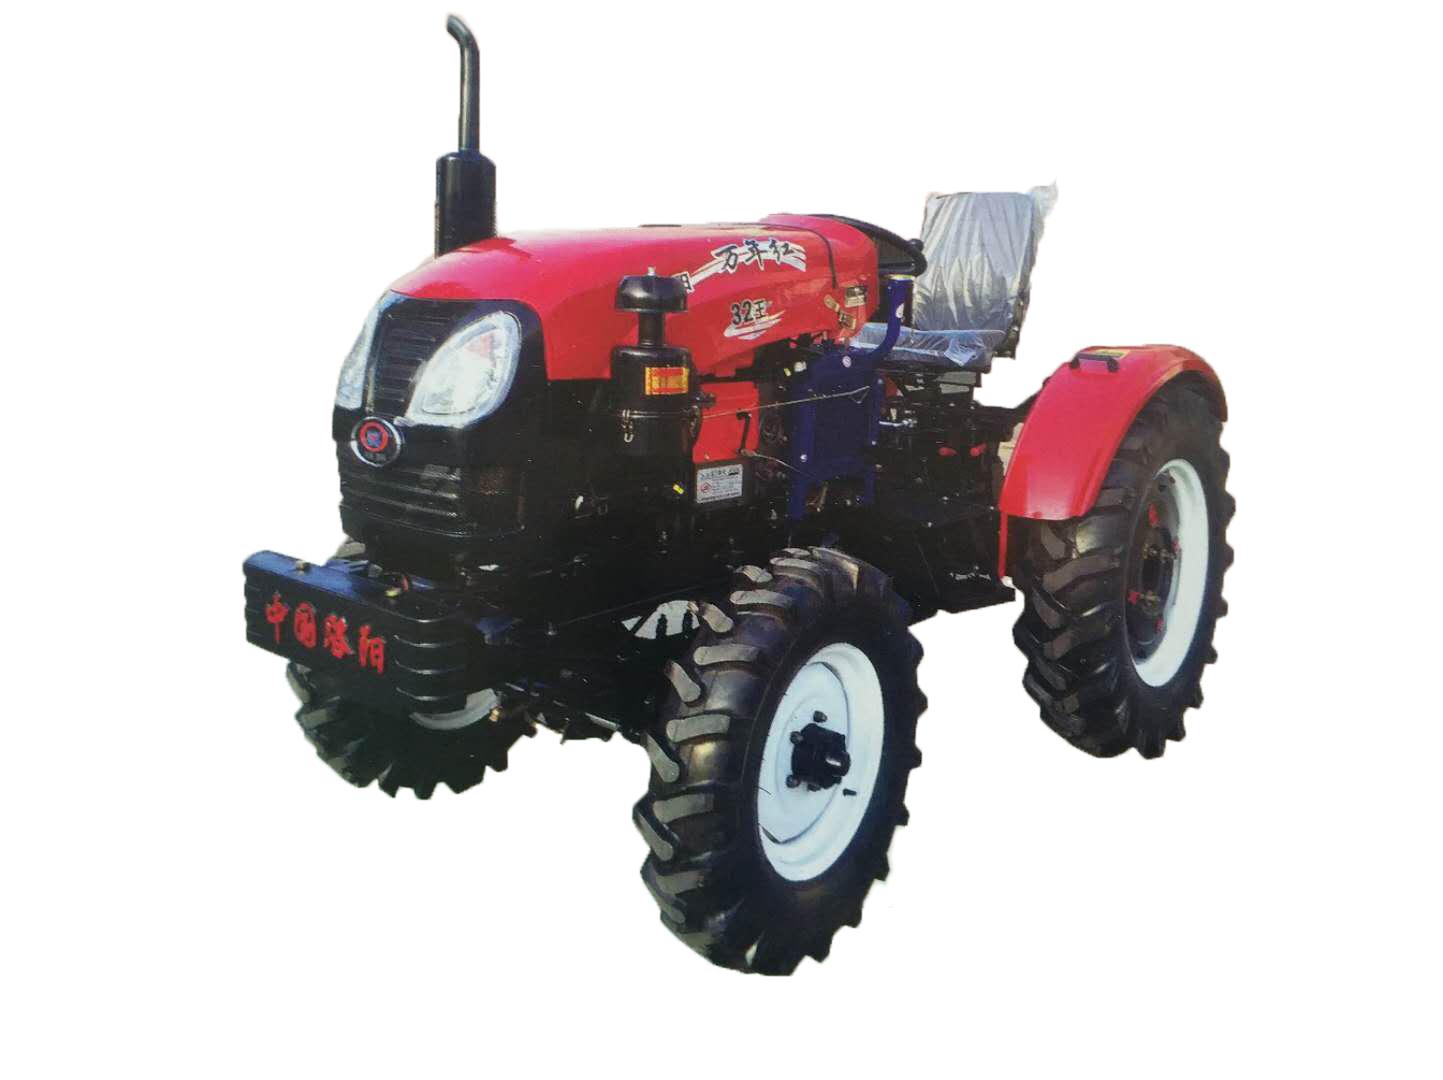 出售拖拉机 诚挚推荐质量好的万年红32王拖拉机